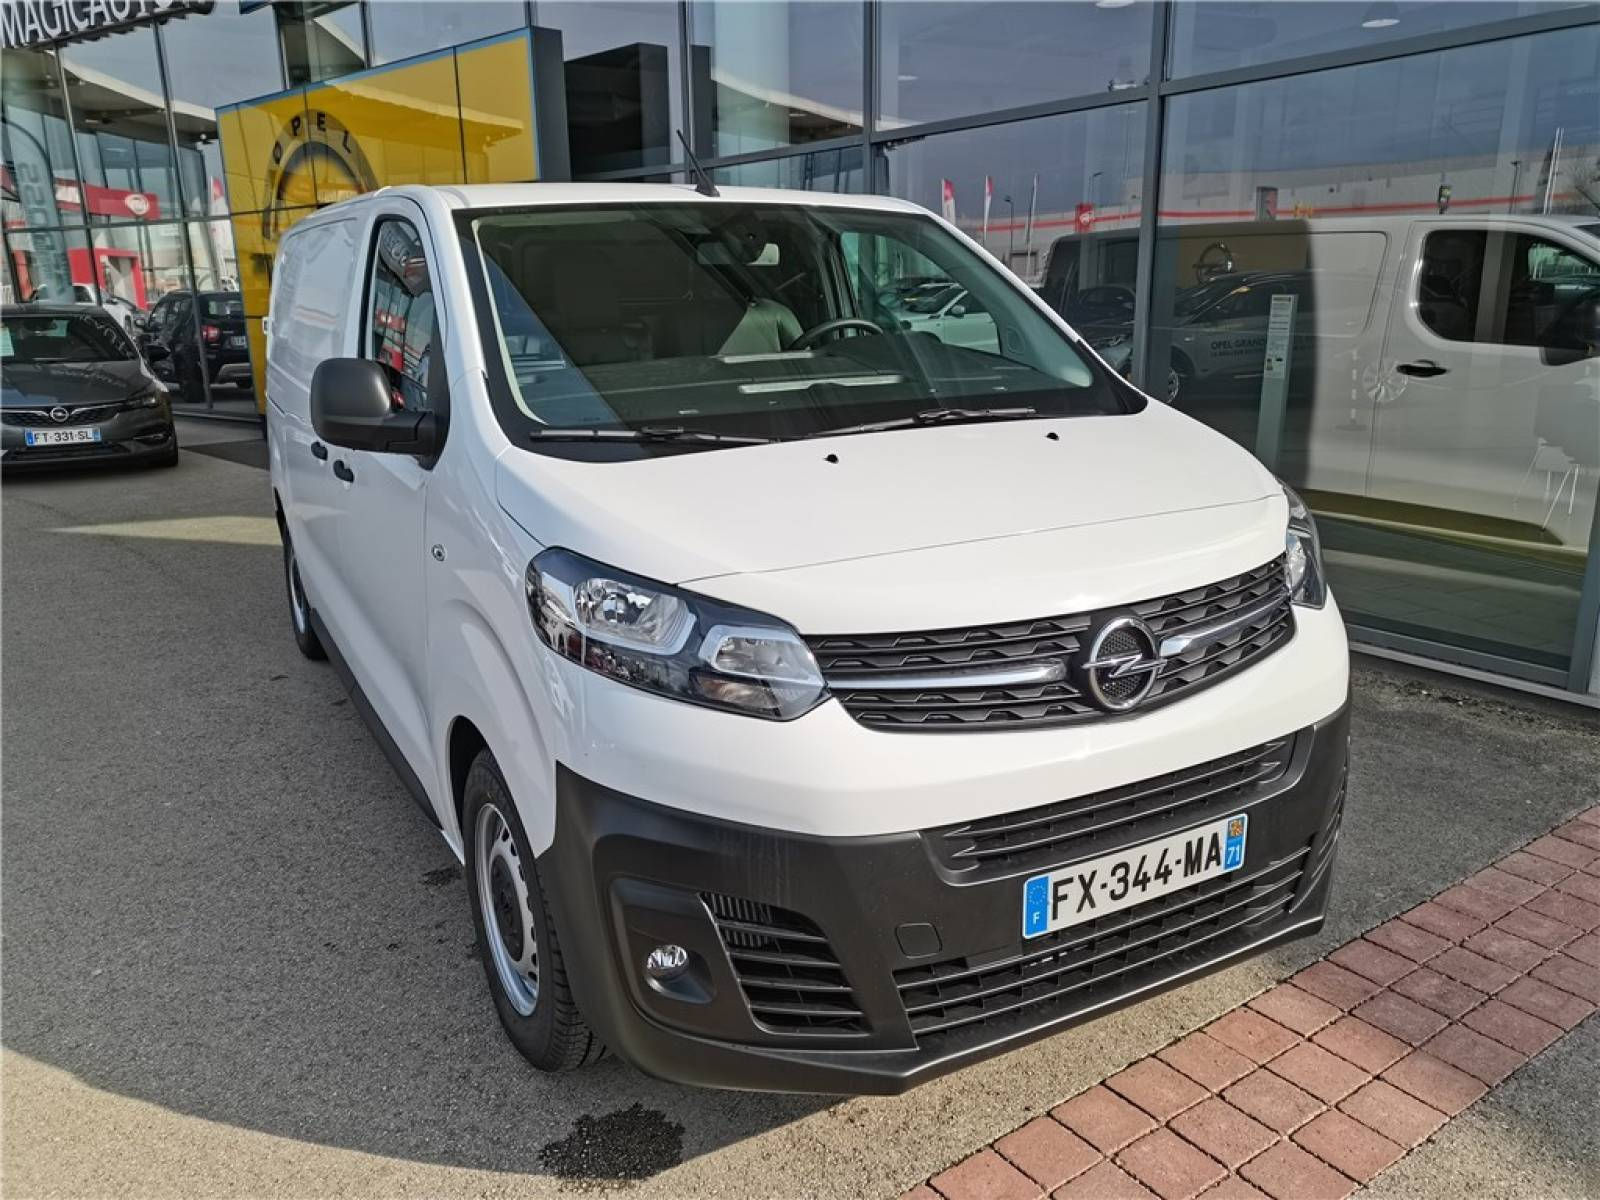 OPEL VIVARO FGN L2 1.5 DIESEL 120 CH - véhicule d'occasion - Groupe Guillet - Opel Magicauto - Chalon-sur-Saône - 71380 - Saint-Marcel - 1